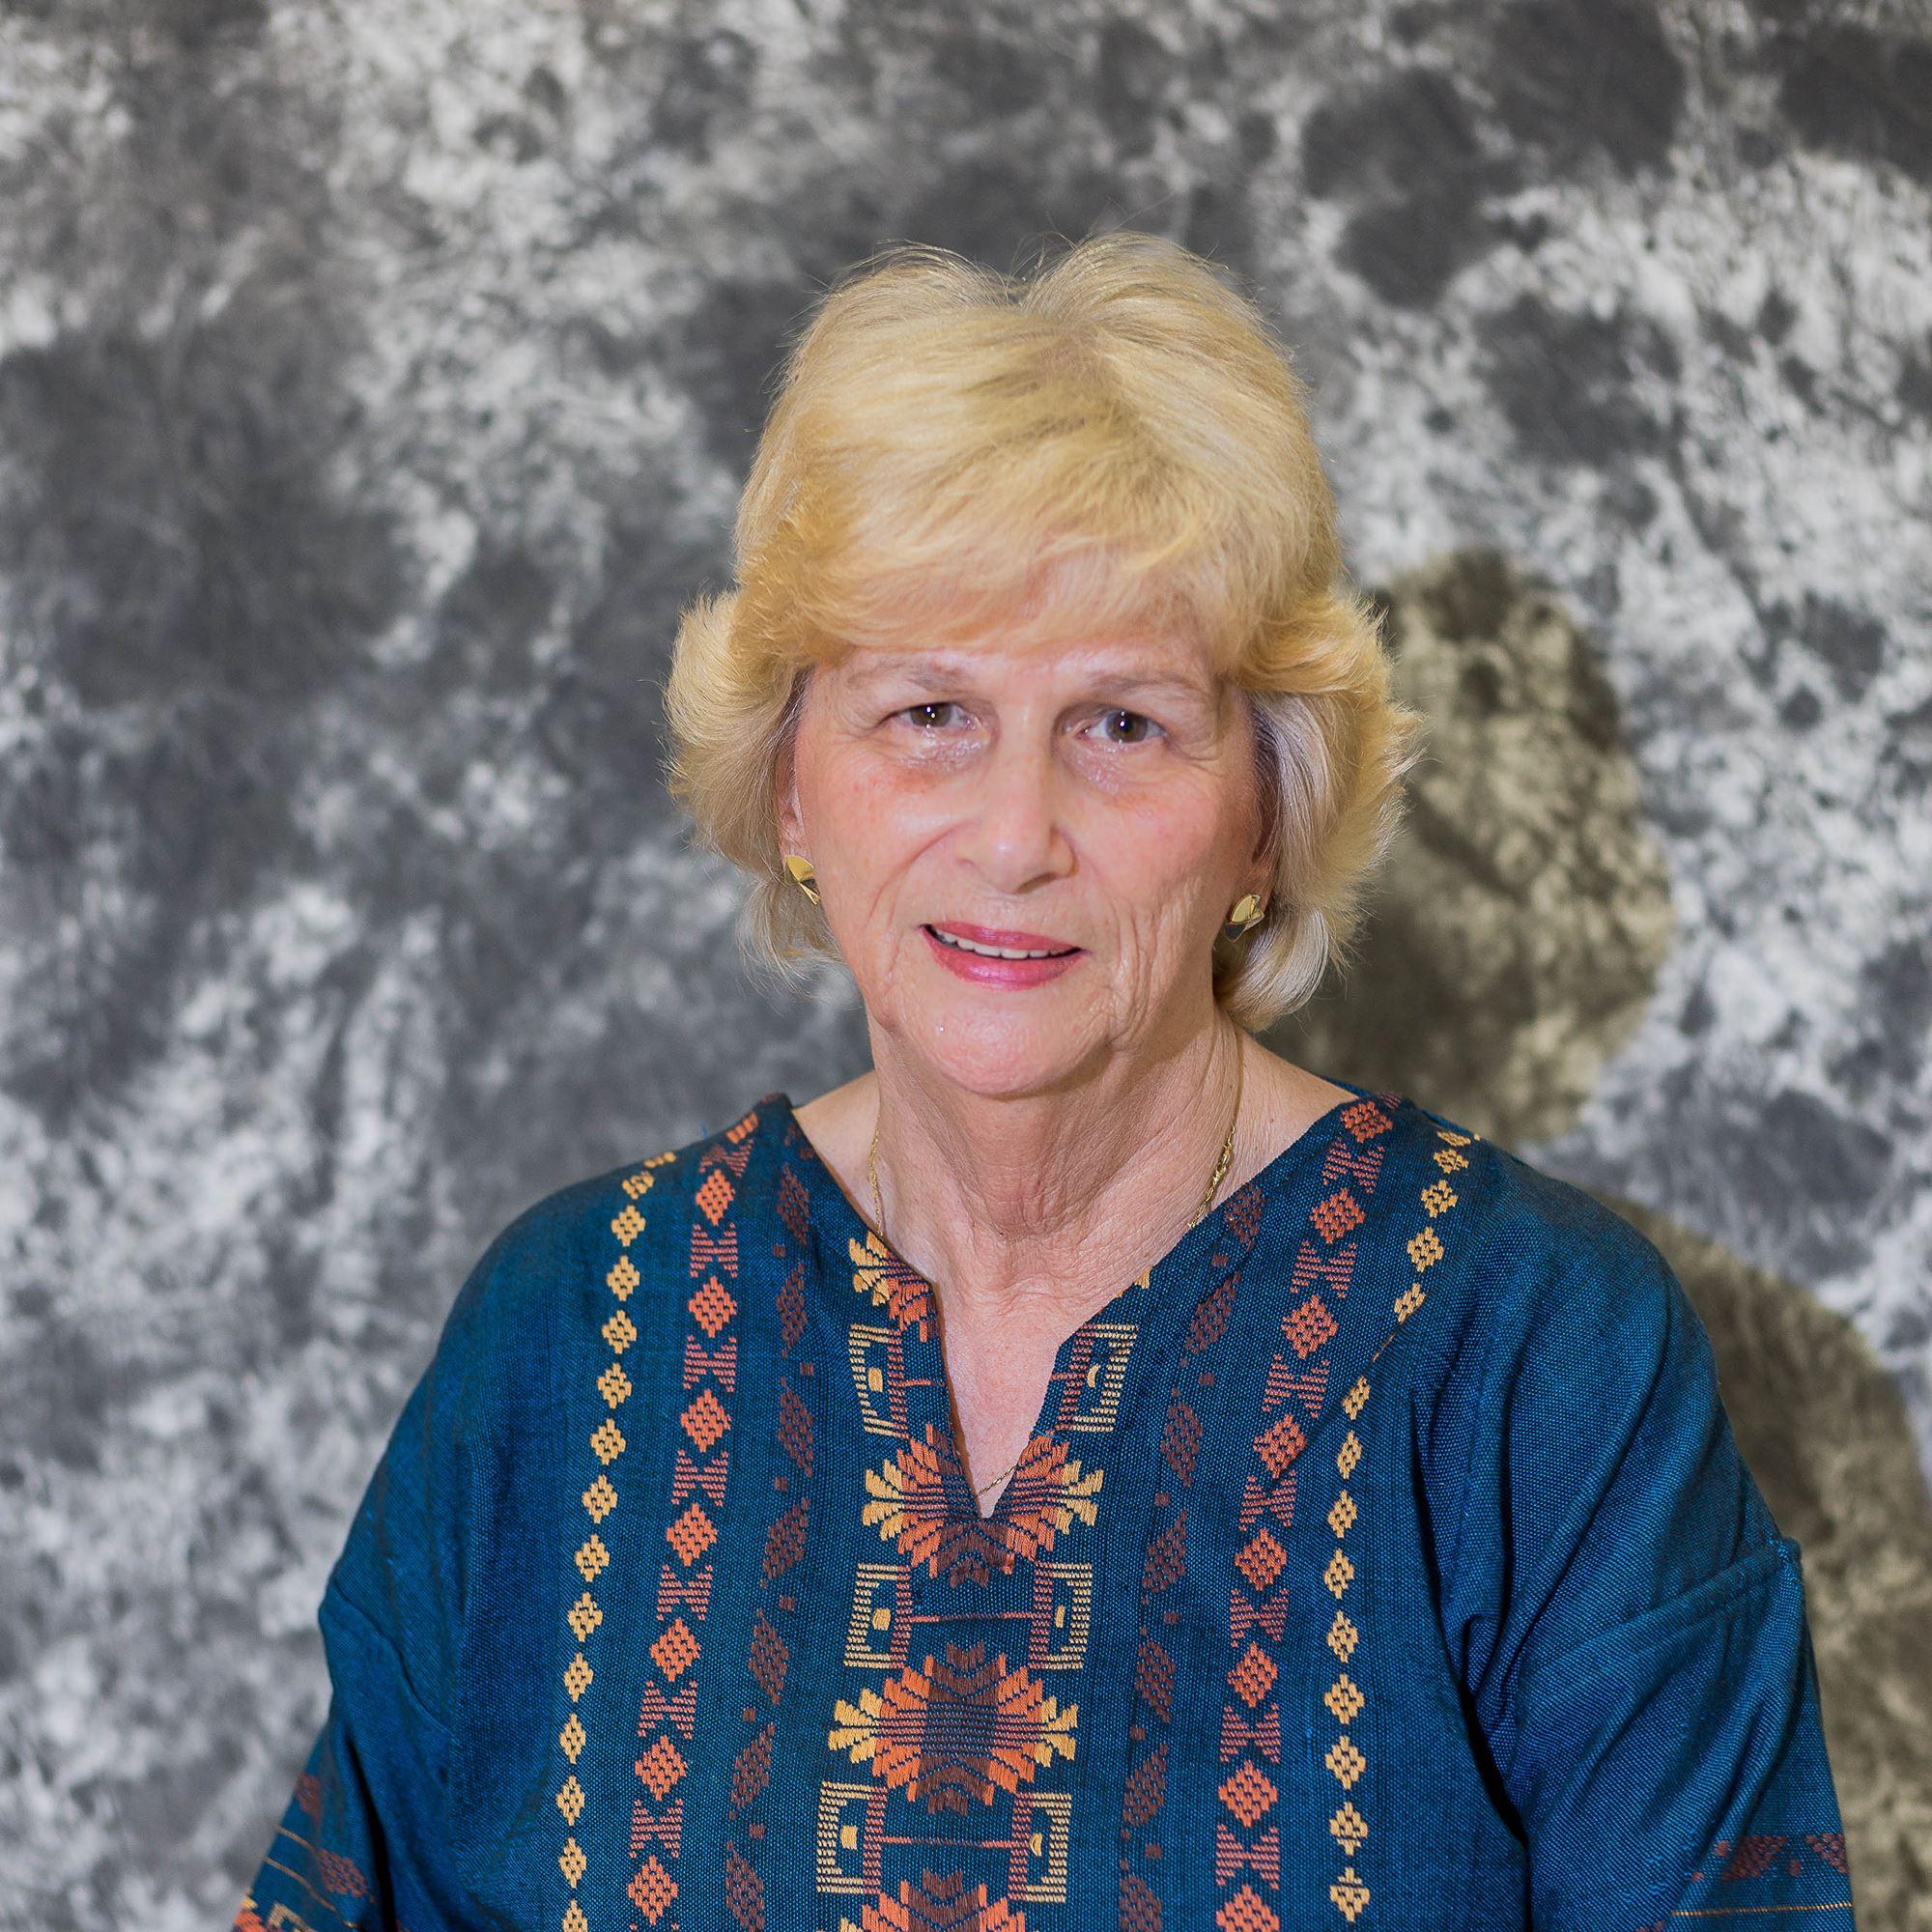 2006 - Linda Holt